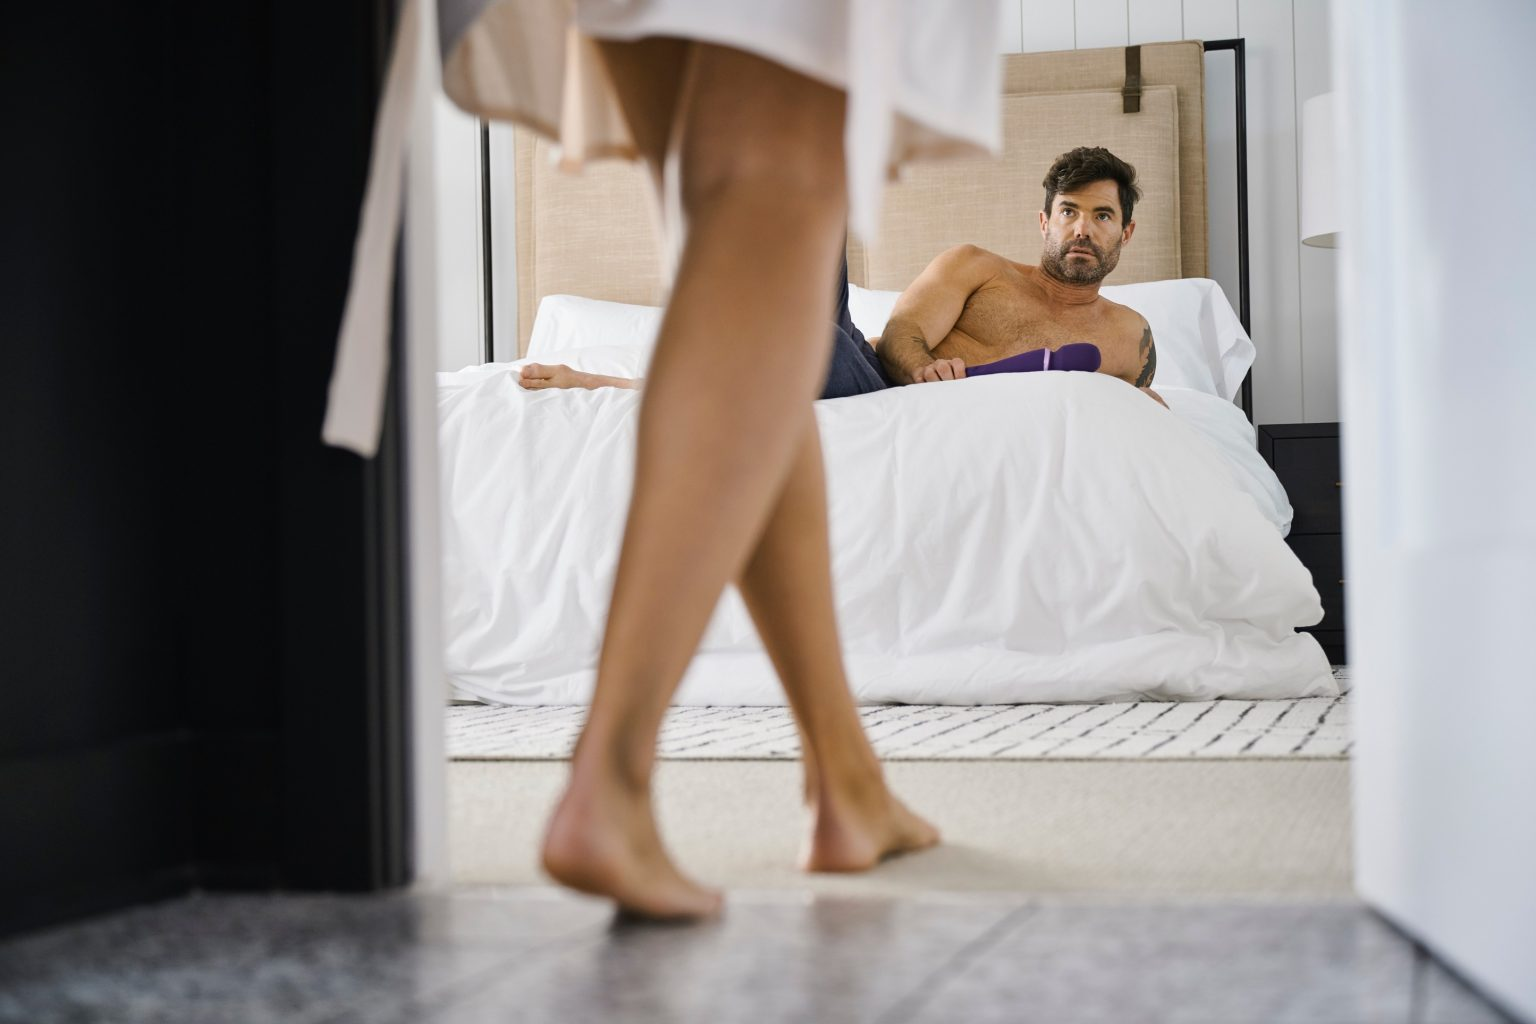 Buat Pasangan Sibuk, Simak 7 Bahaya Jika Jarang Berc*nta